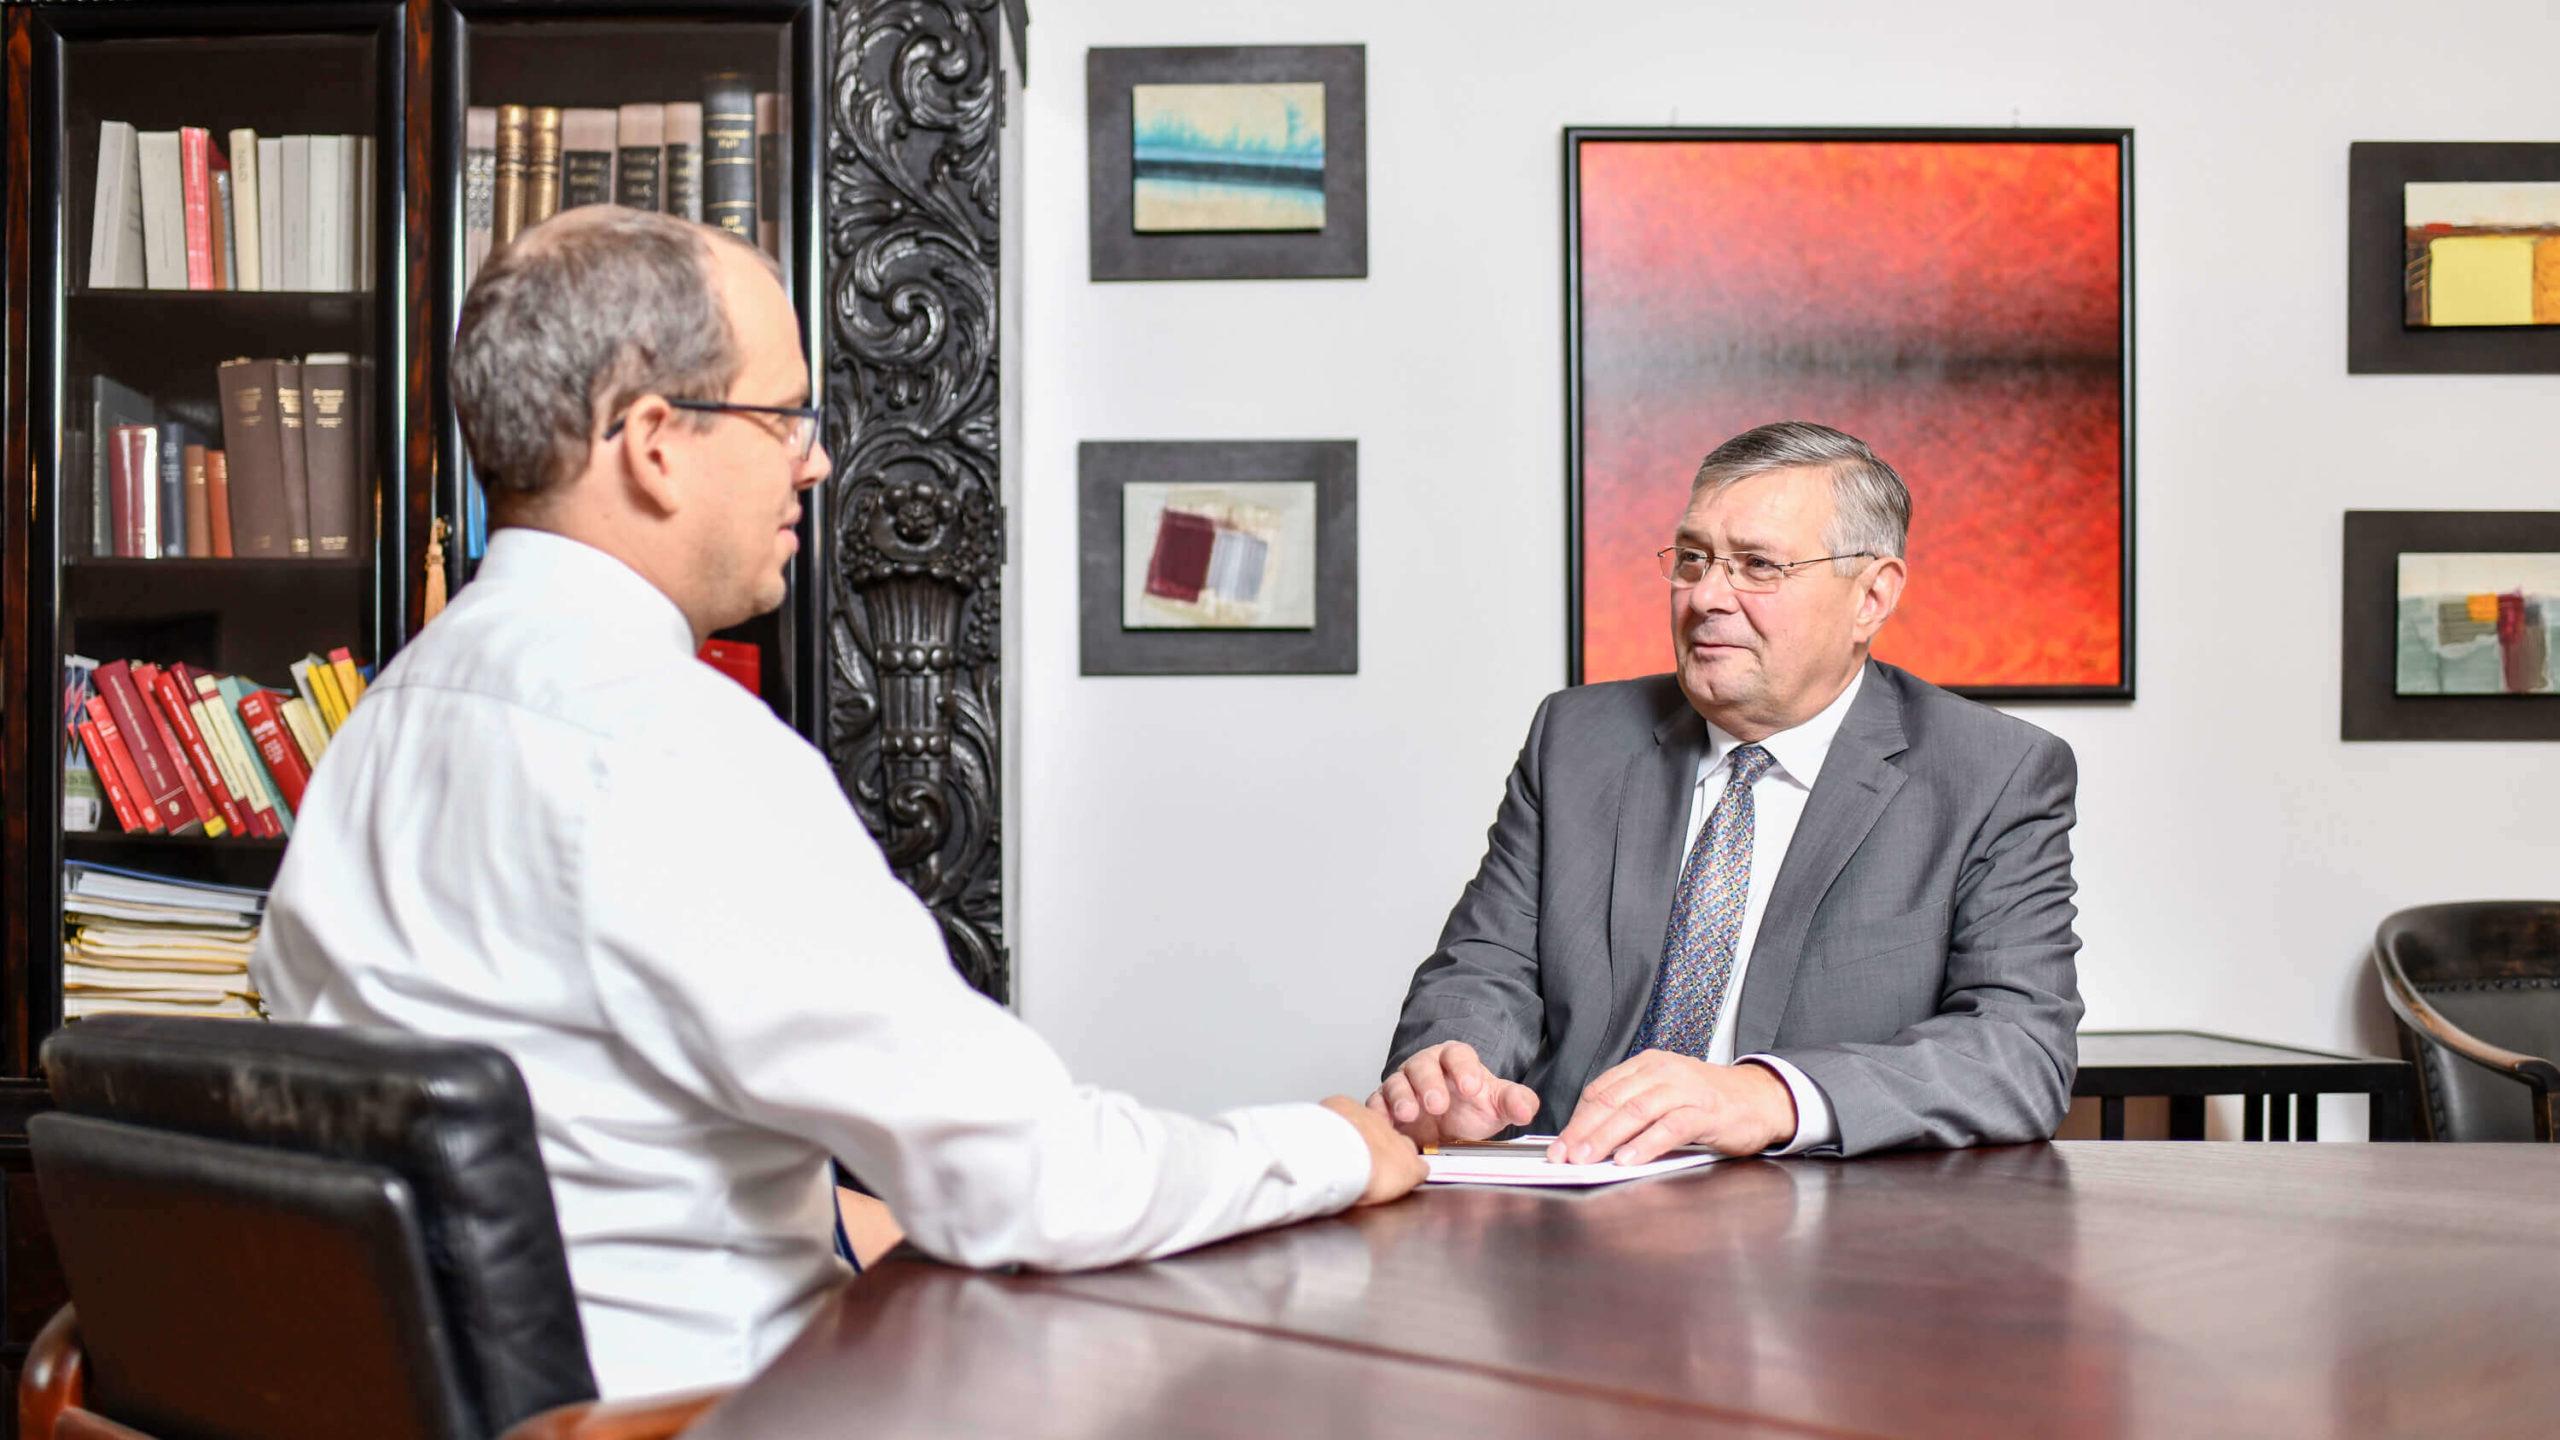 Anwälte beim Meeting - Dr. Heinrich Nagl und Mag. Timo Ruisinger - Rechtsanwälte in 3580 Horn